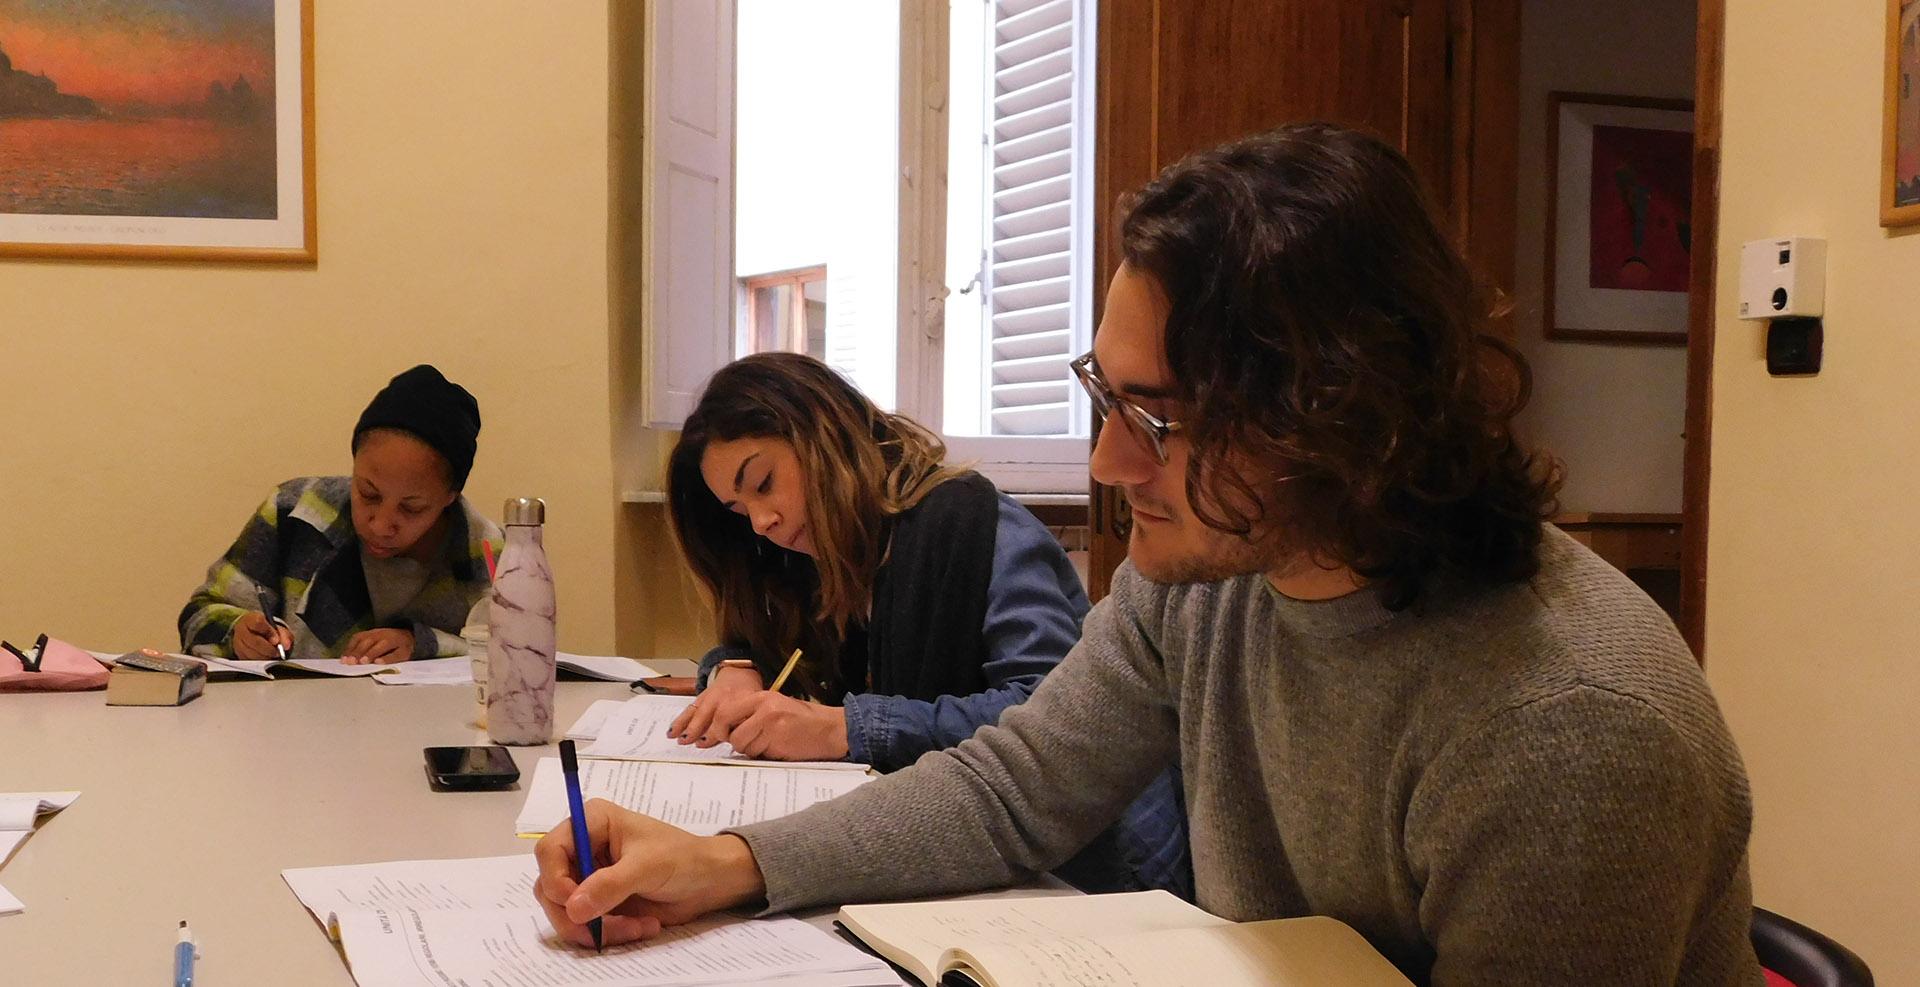 Corso di inglese a Firenze